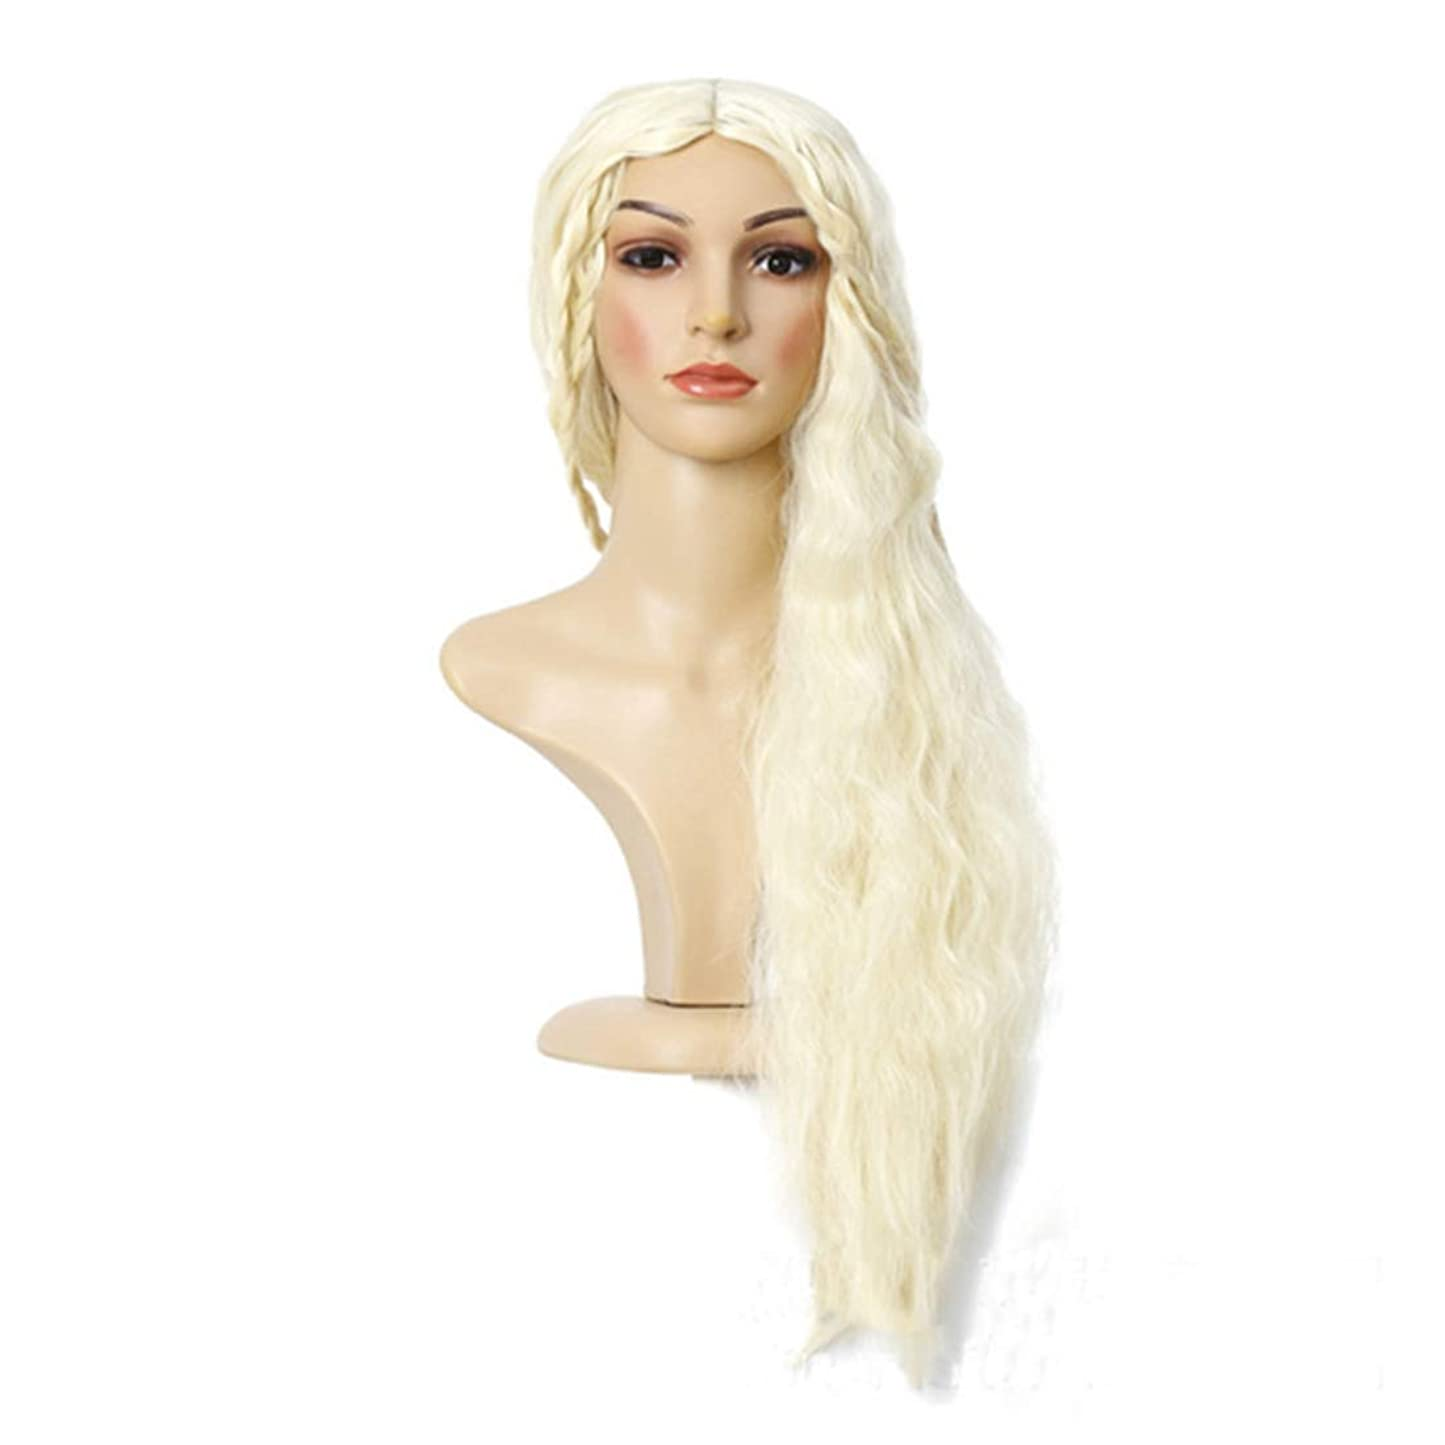 窒素延期する一貫性のないJIANFU ファッション コスプレ ロング カーリーヘア 耐熱 ウィッグ コスチューム パーティー ウィッグ(金髪) (Color : Blonde)